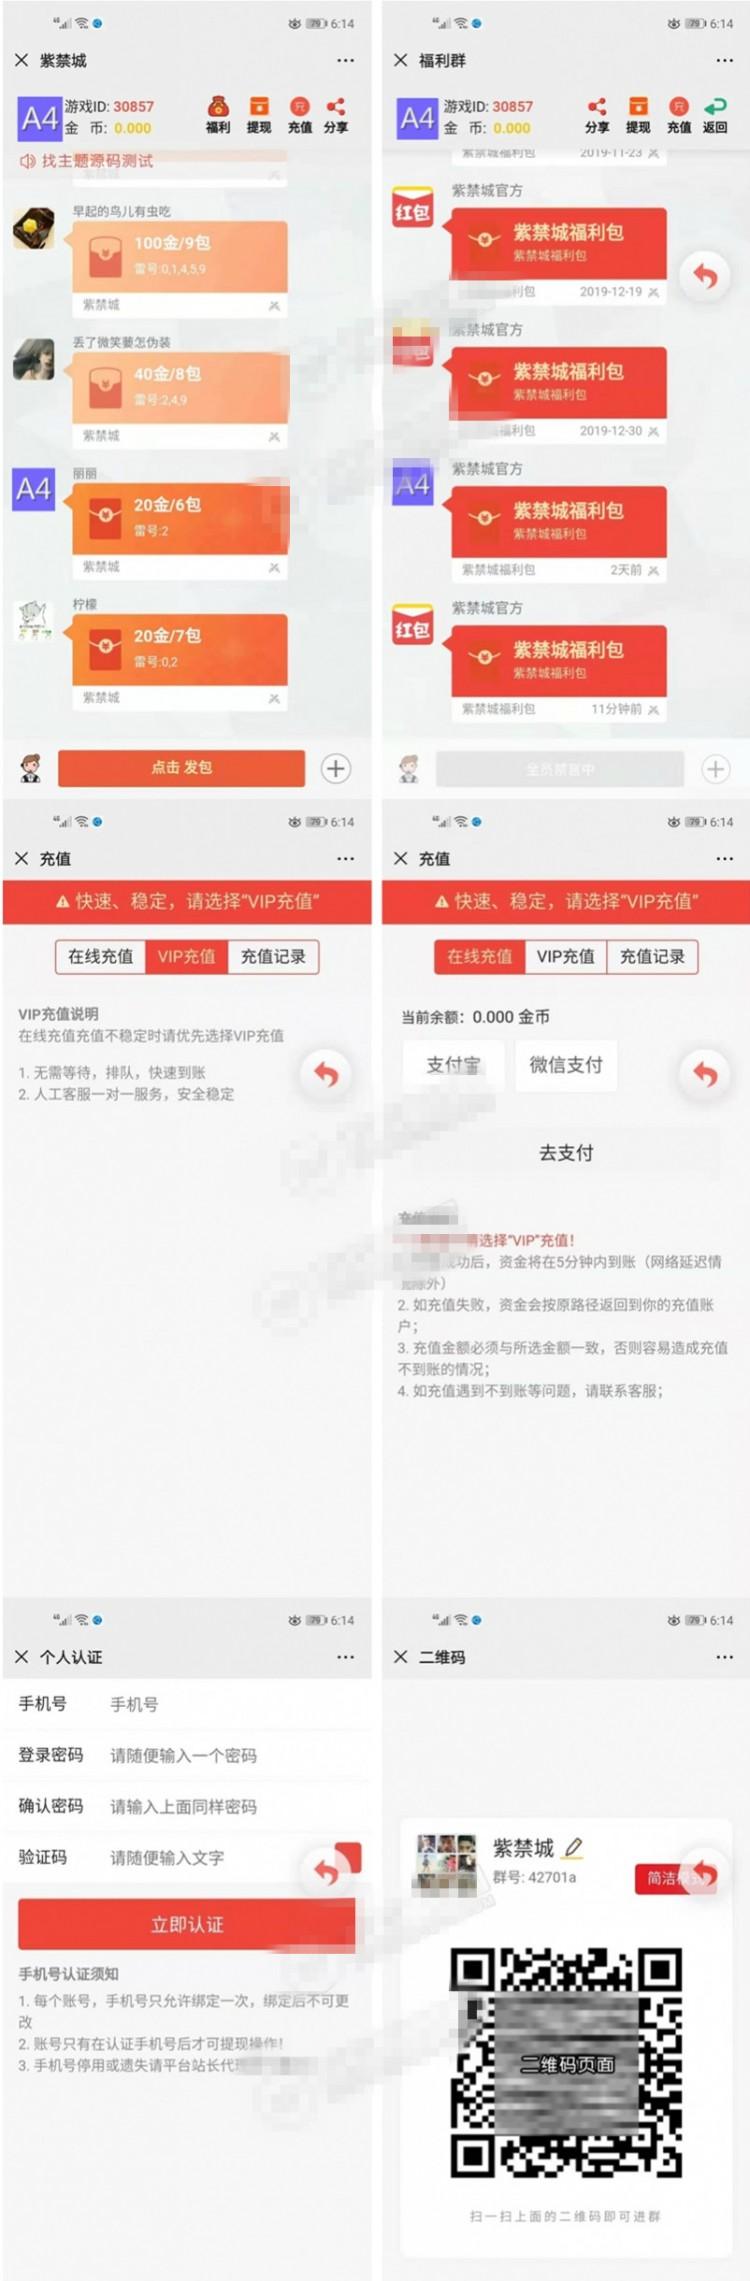 正版大富豪扫L红包带注册完美运营版 支持双登录+点控+个人支付+封装APP+搭建教程-爱资源分享